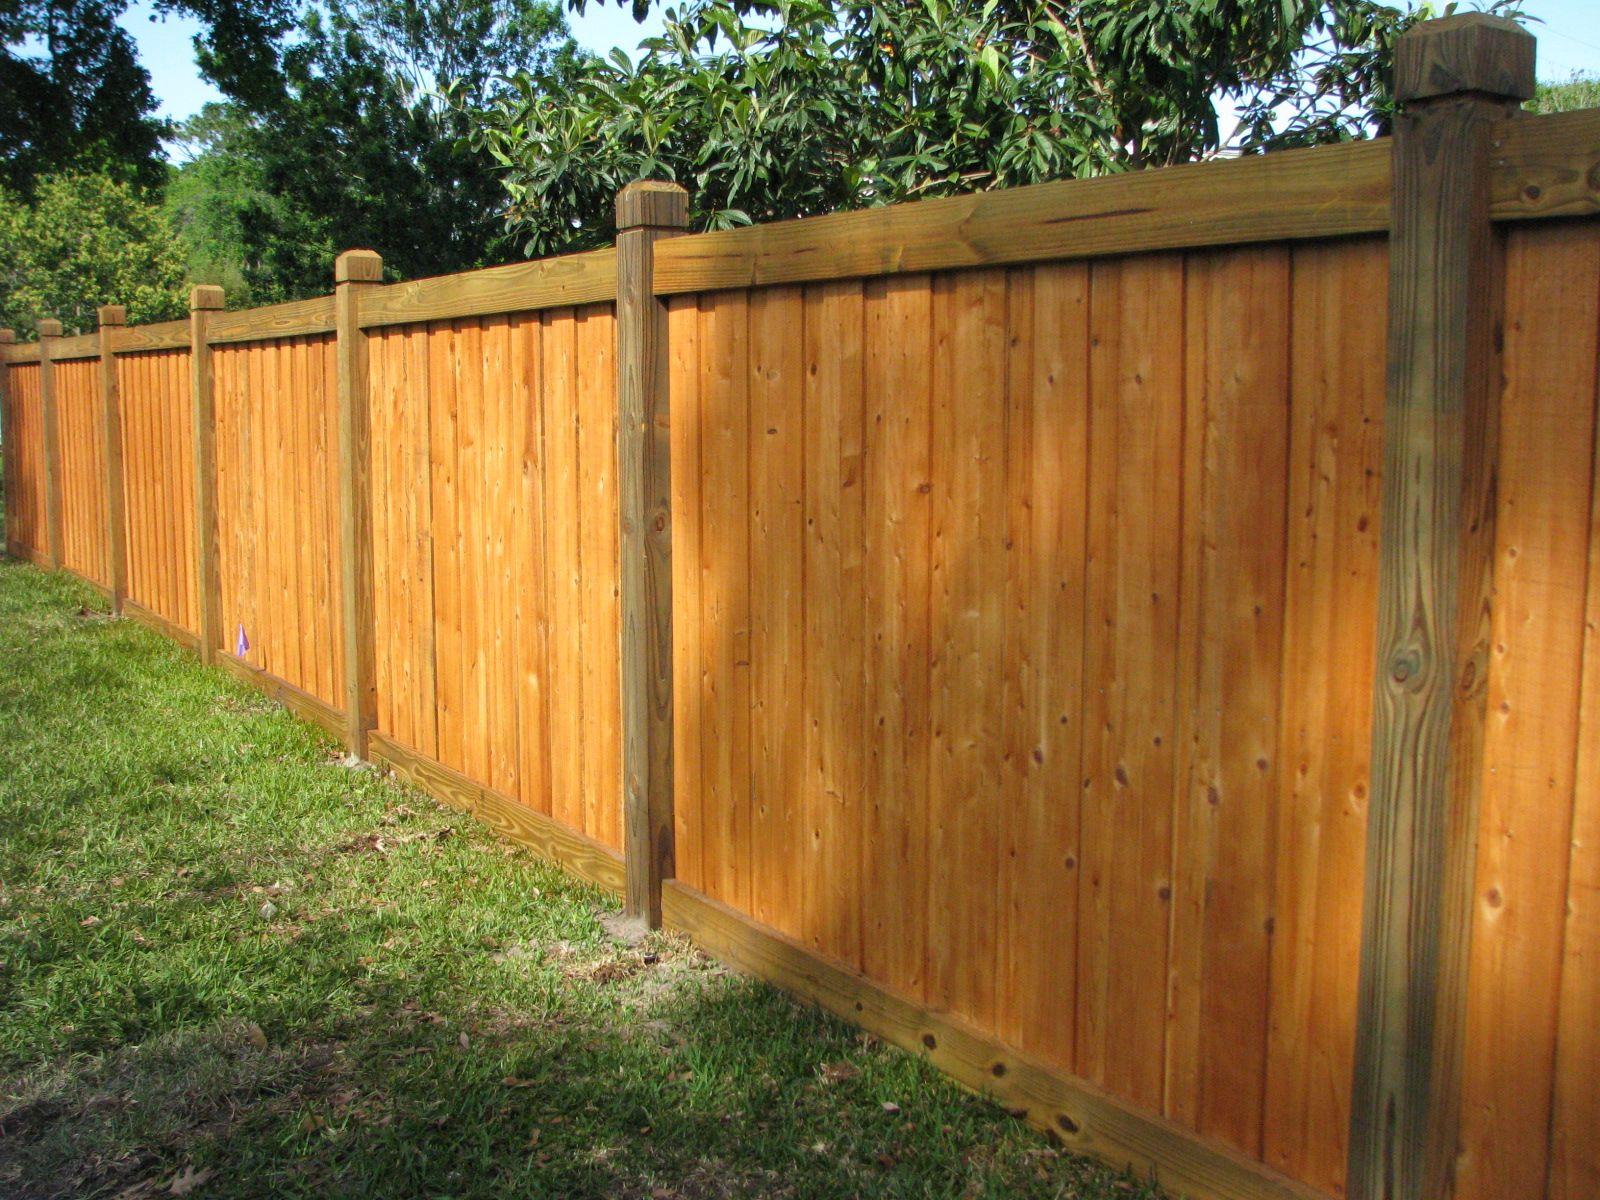 Capped wood board on board fence mossy oak fence company orlando capped wood board on board fence mossy oak fence company orlando workwithnaturefo